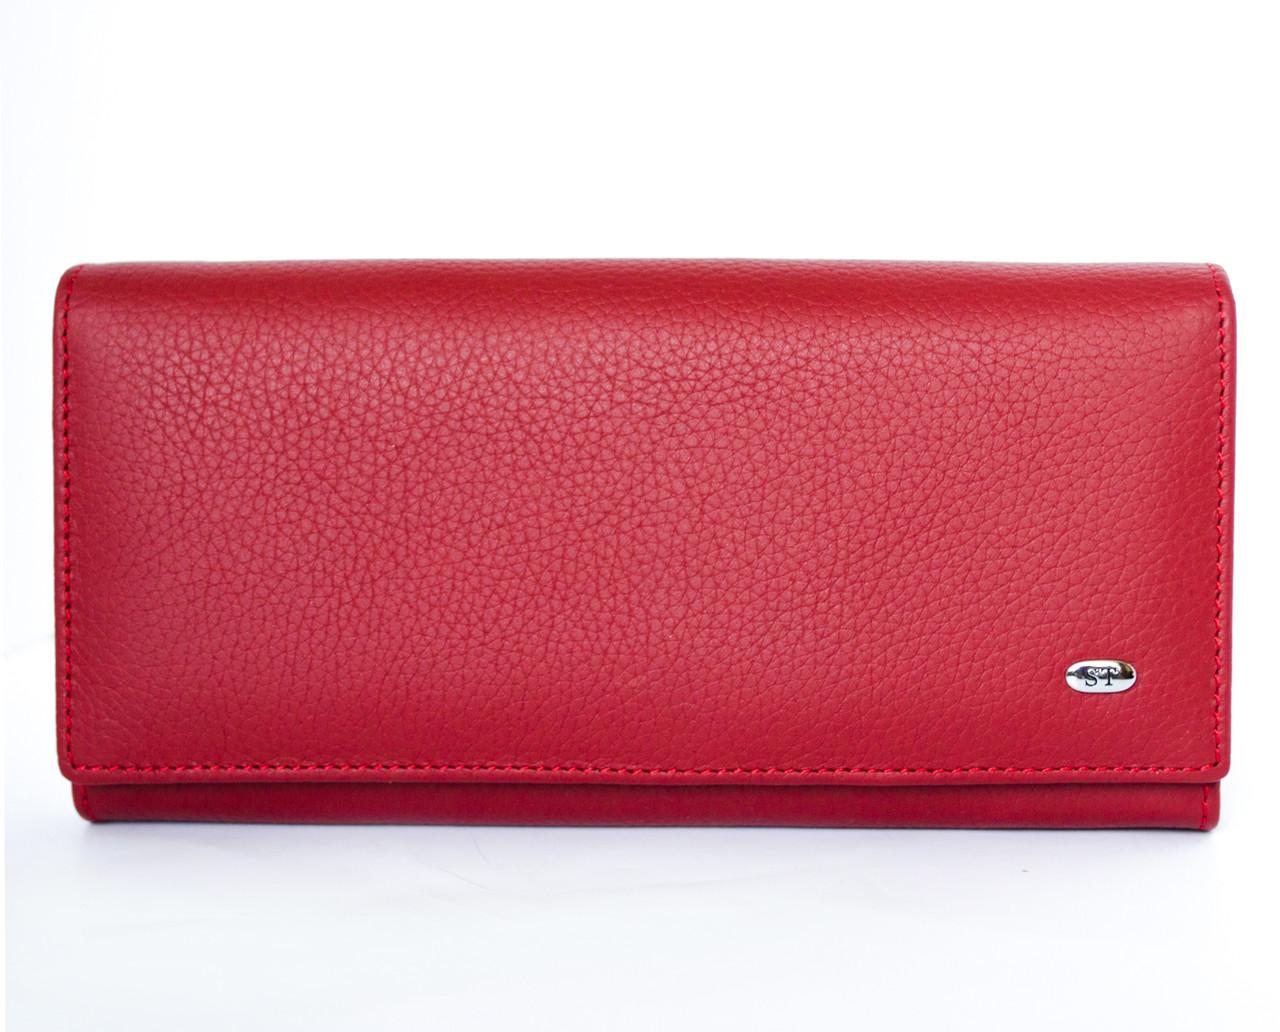 Красный матовый кожаный кошелек ST из натуральной кожи высокого качества. От поставщика (ST150)